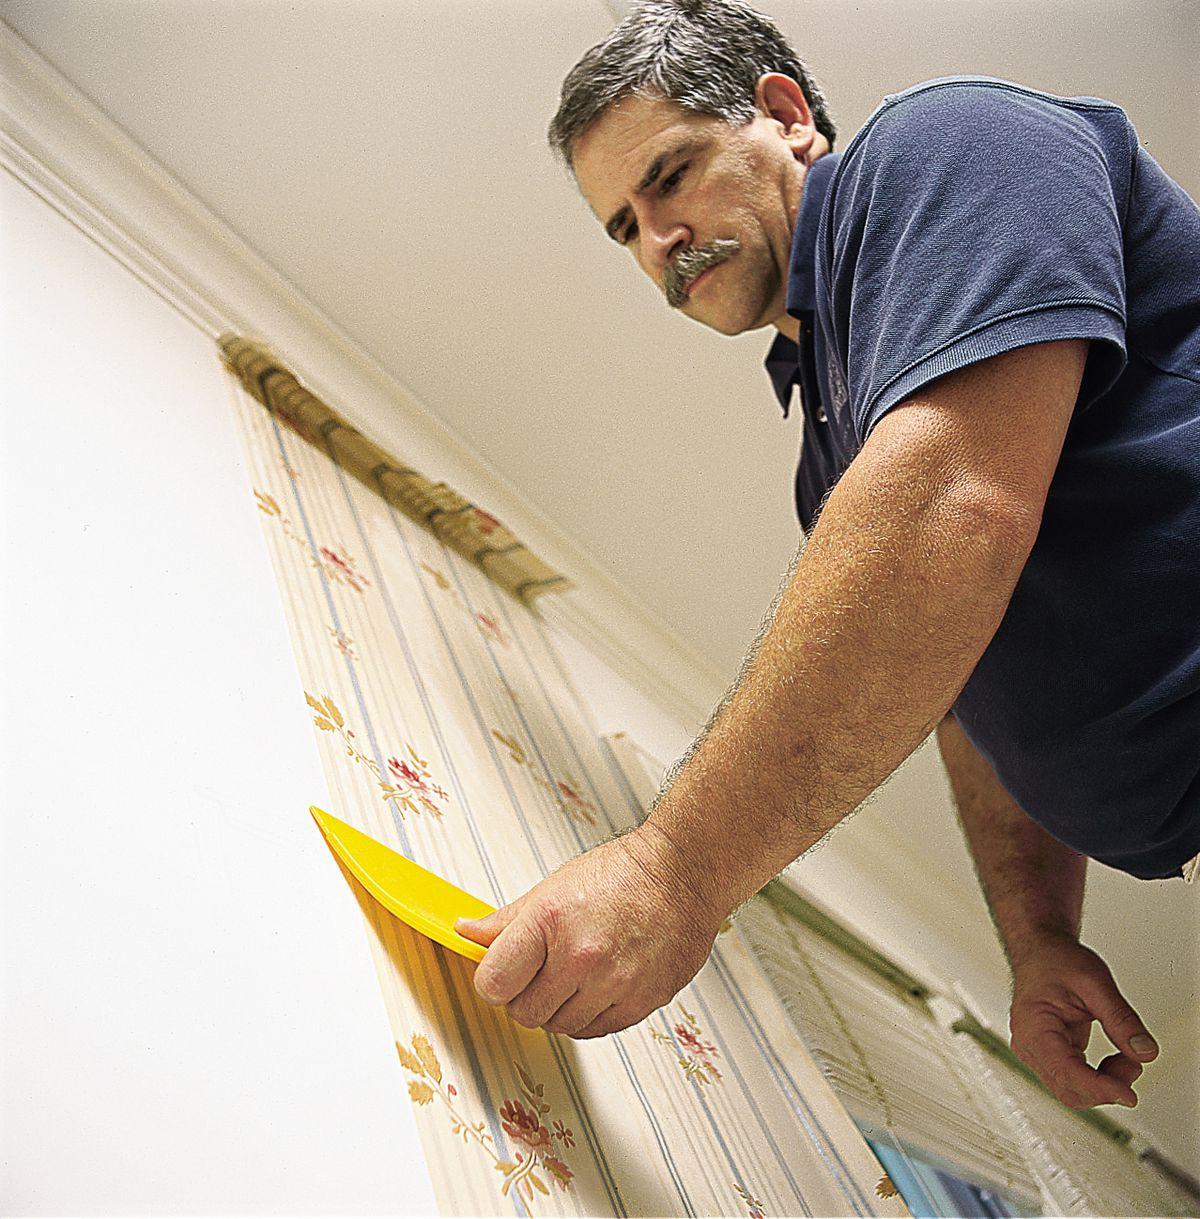 Man Hanging First Strip Of Wallpaper